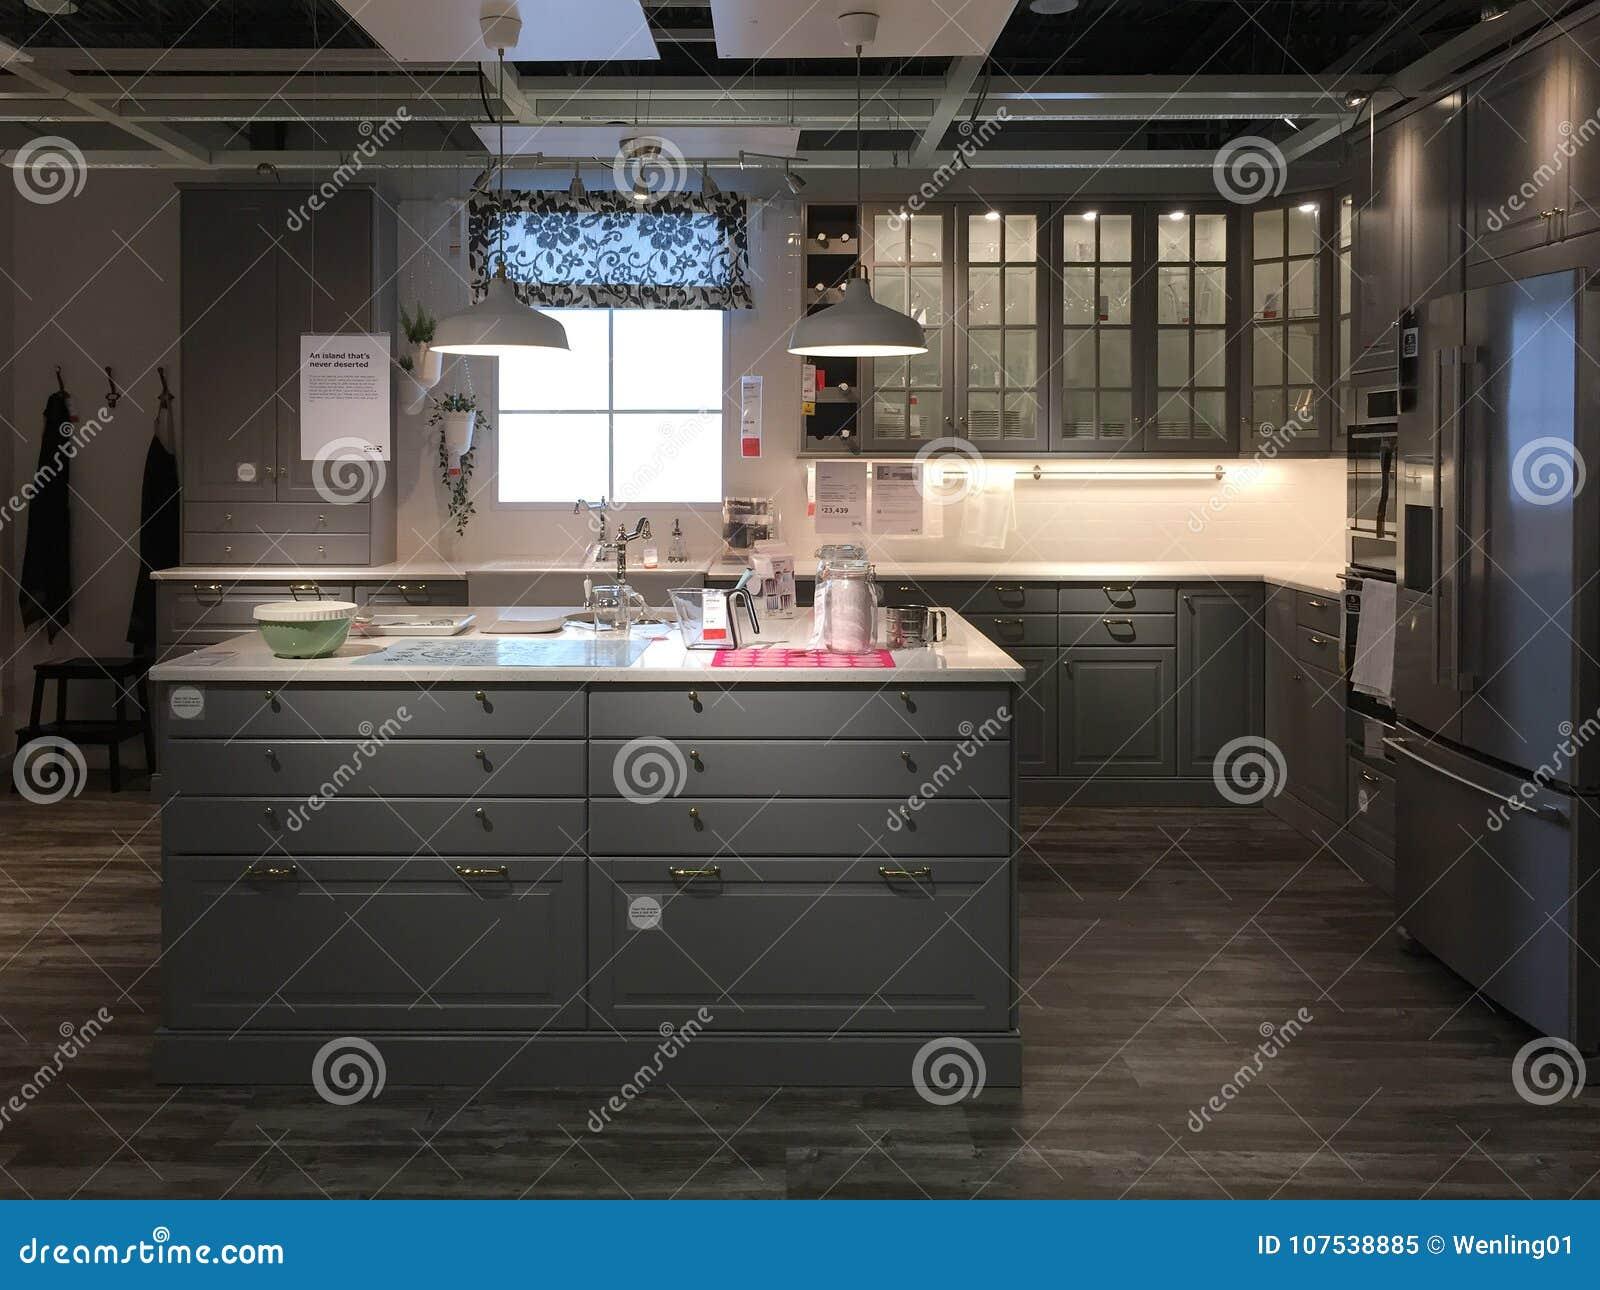 Conception moderne de cuisine avec l 39 le au magasin de fourniture ikea image ditorial image - Conception de cuisine ...